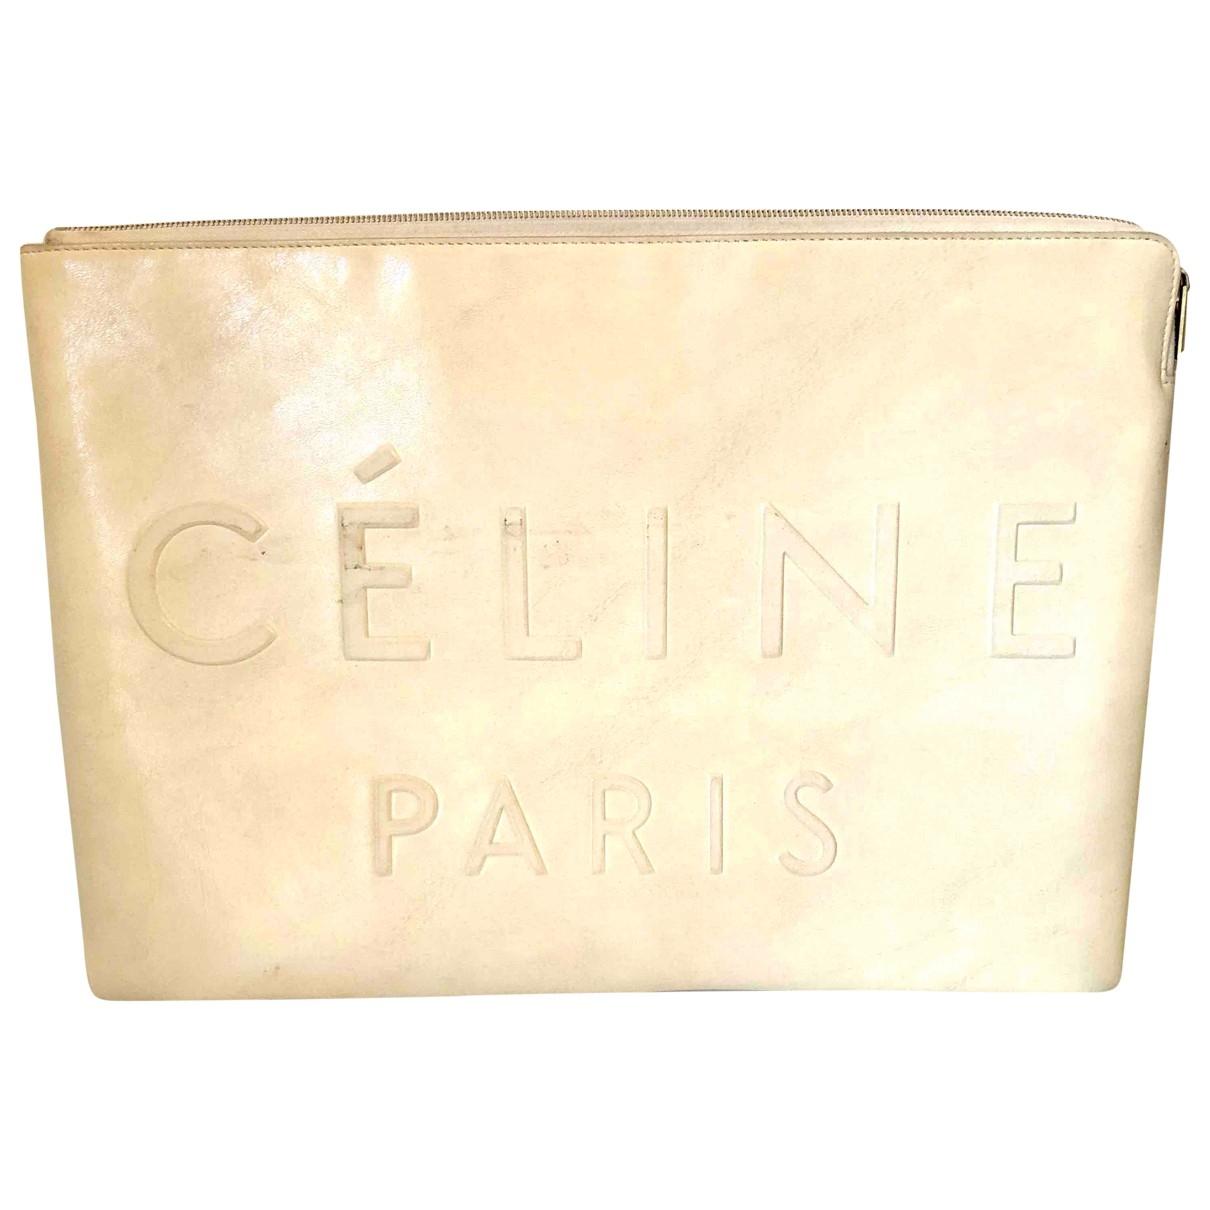 Celine - Pochette   pour femme en cuir - blanc